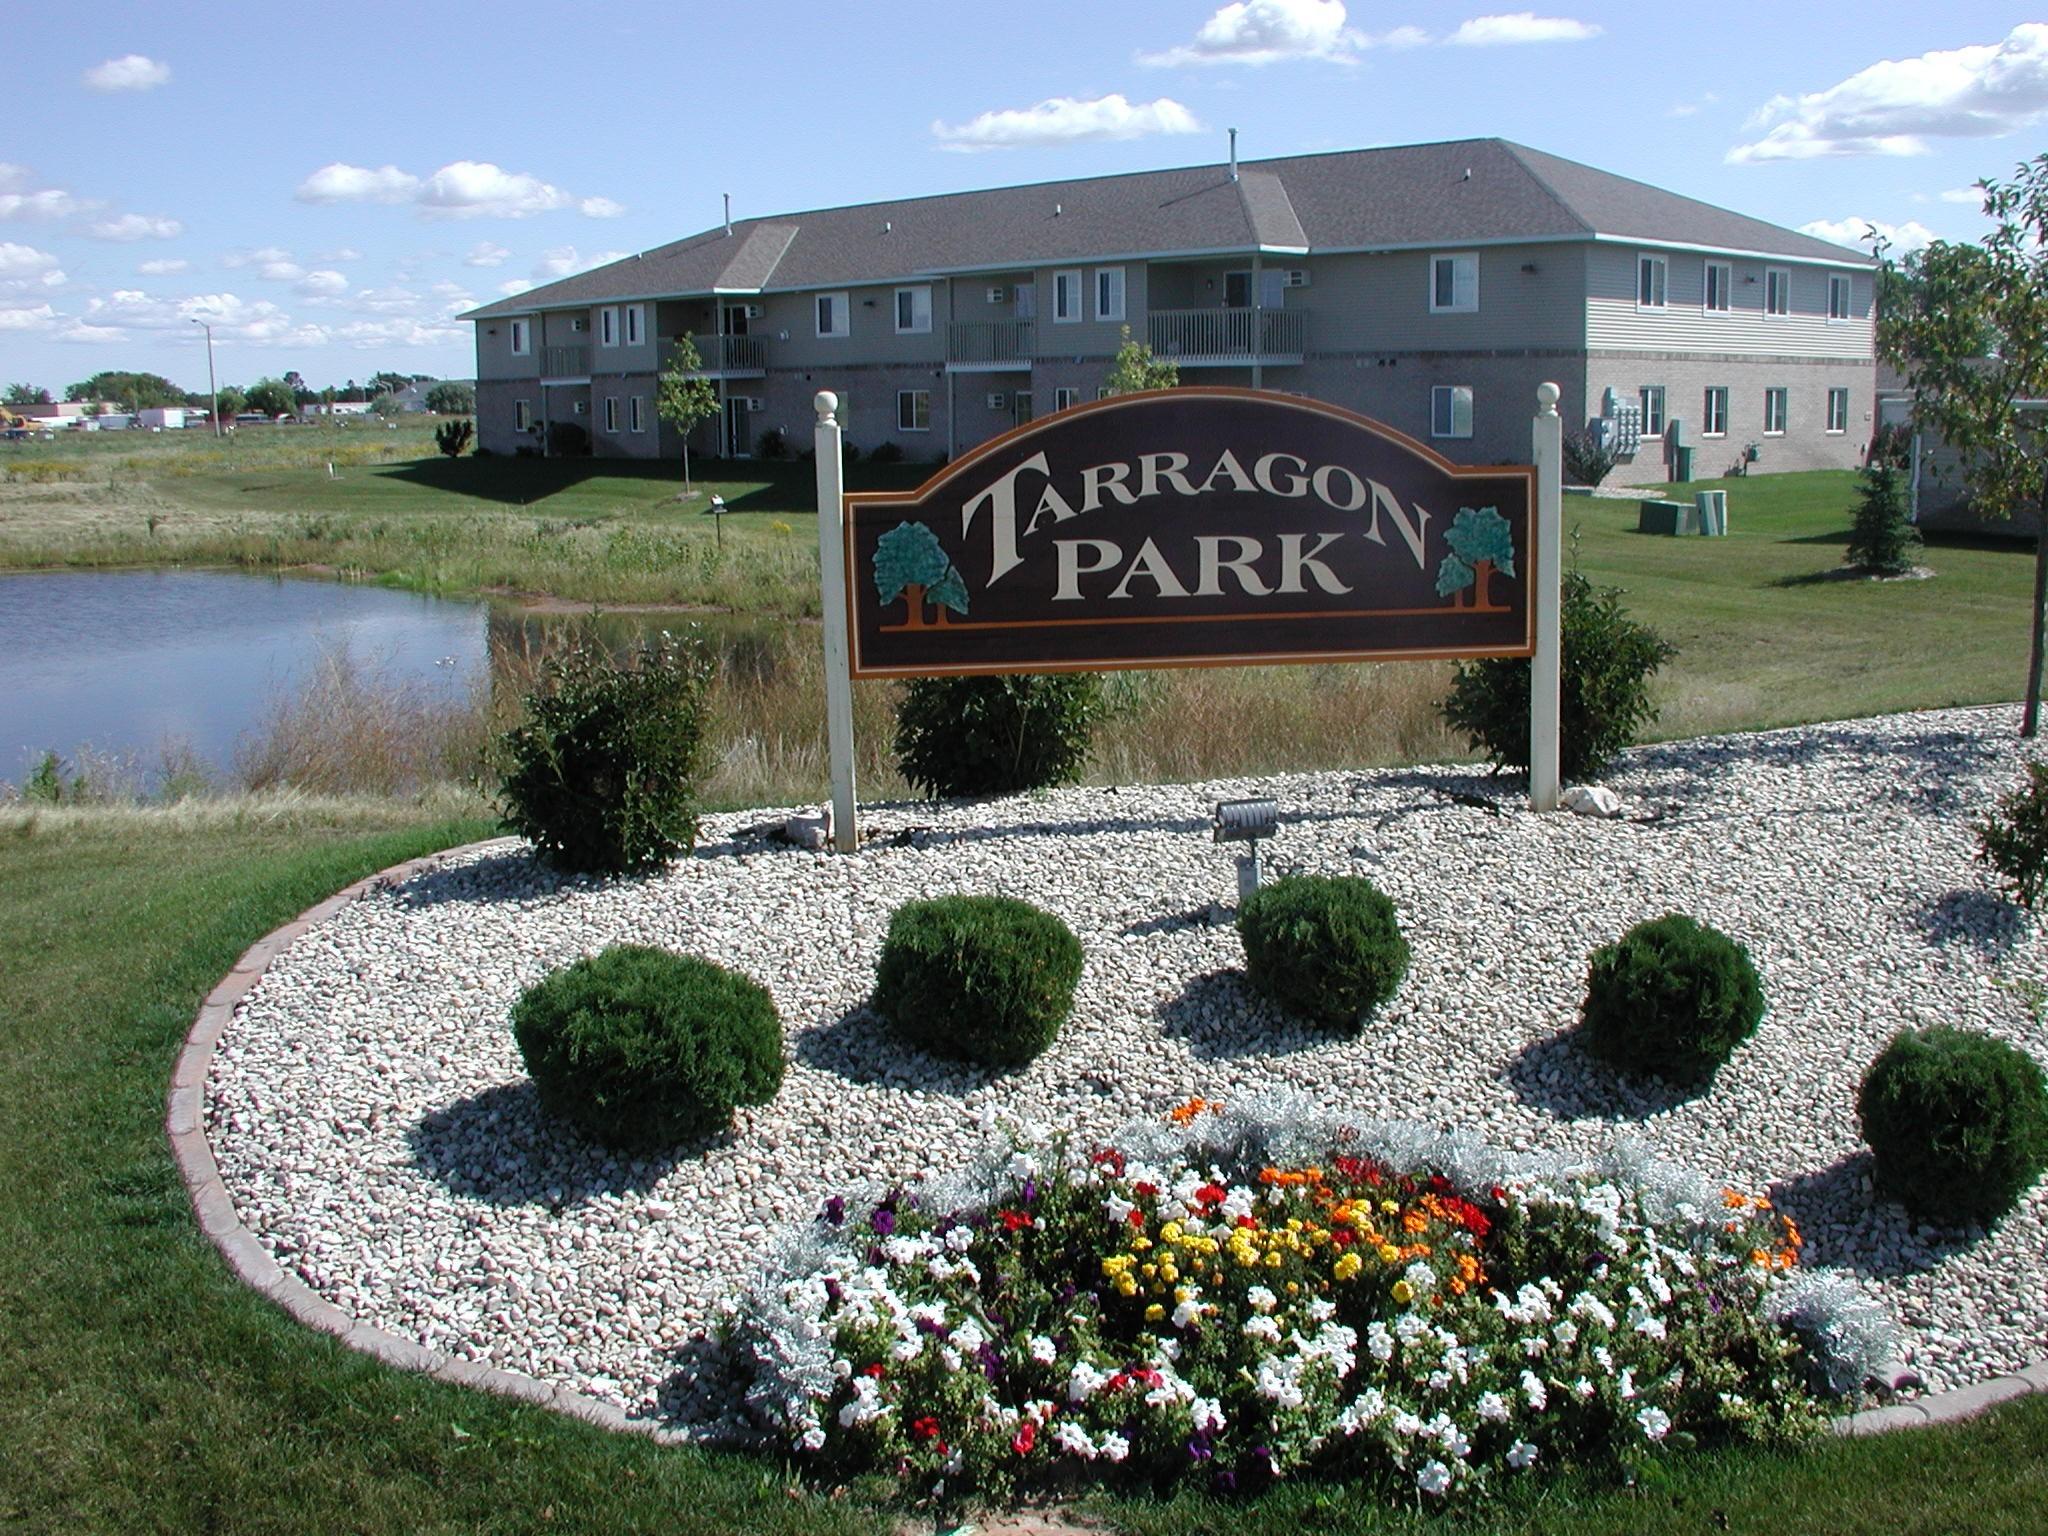 Tarragon Park